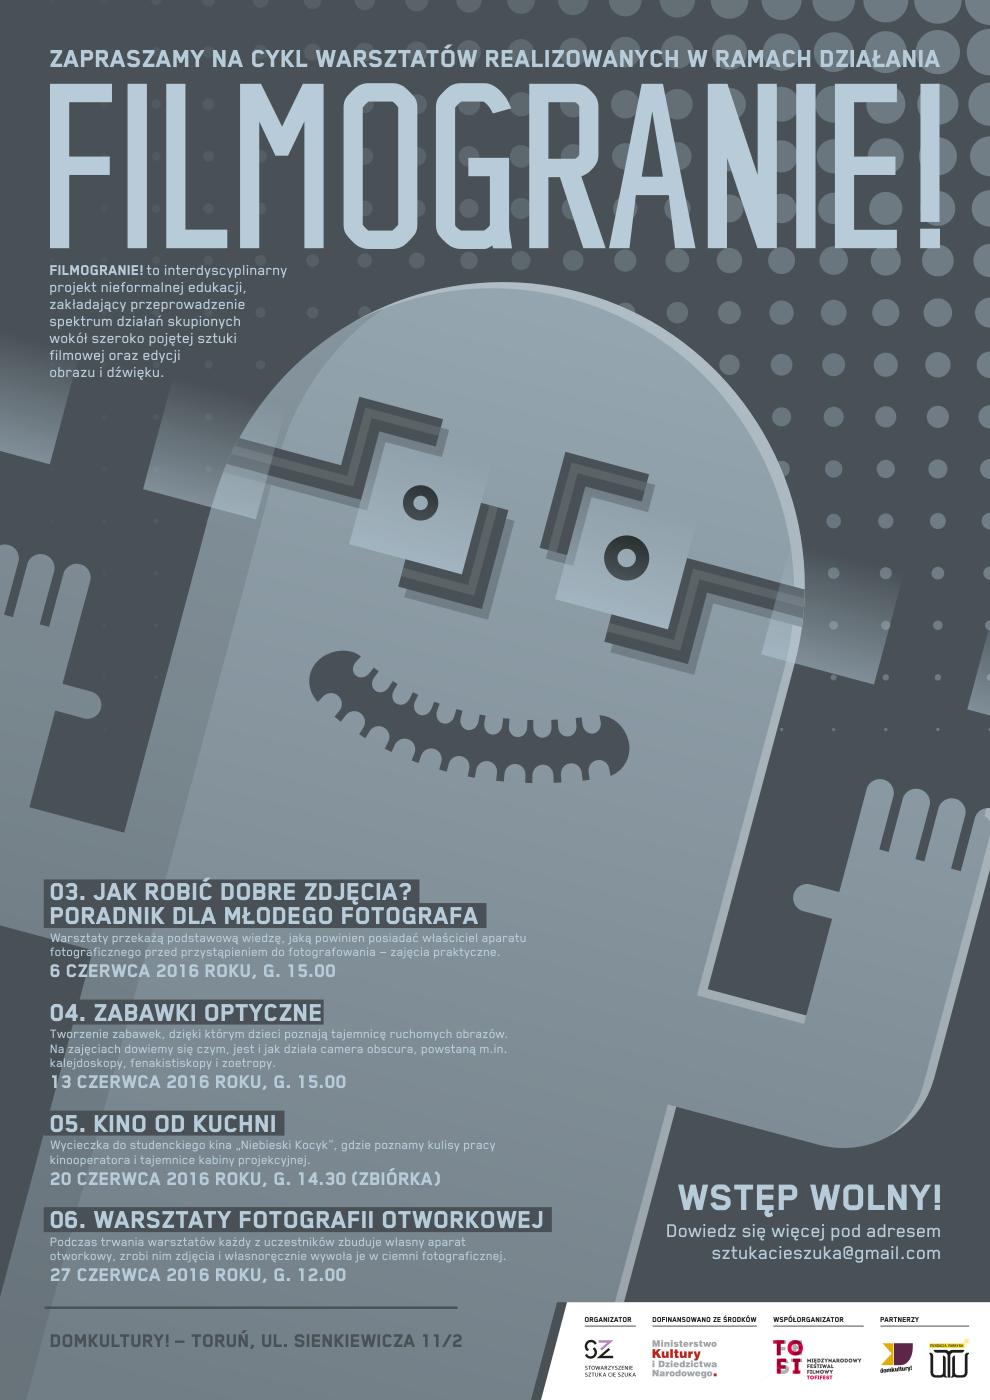 Zapraszamy na cykl czerwcowych warsztatów, realizowanych w ramach Filmogrania! w Toruniu